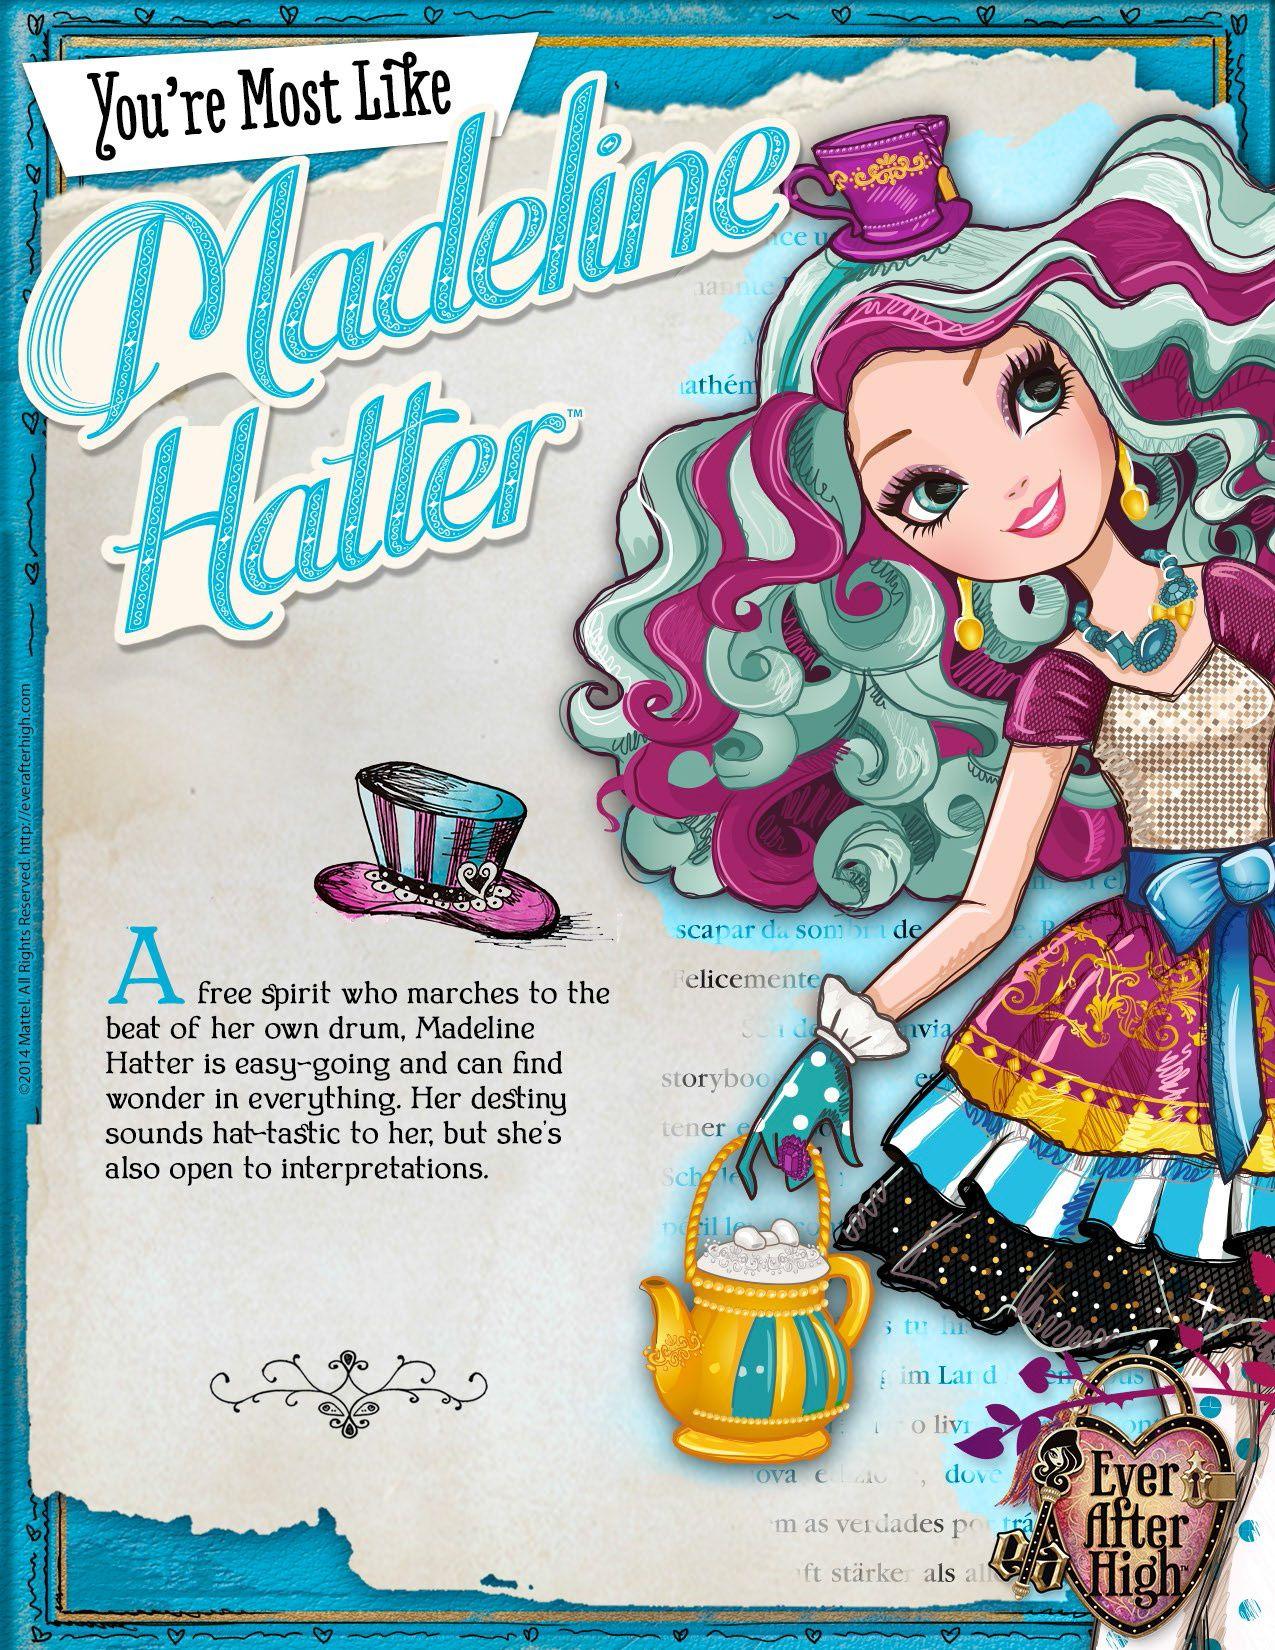 Fairytale Student Quiz Game - Charming Quizzes tout Jeux De Ever After High